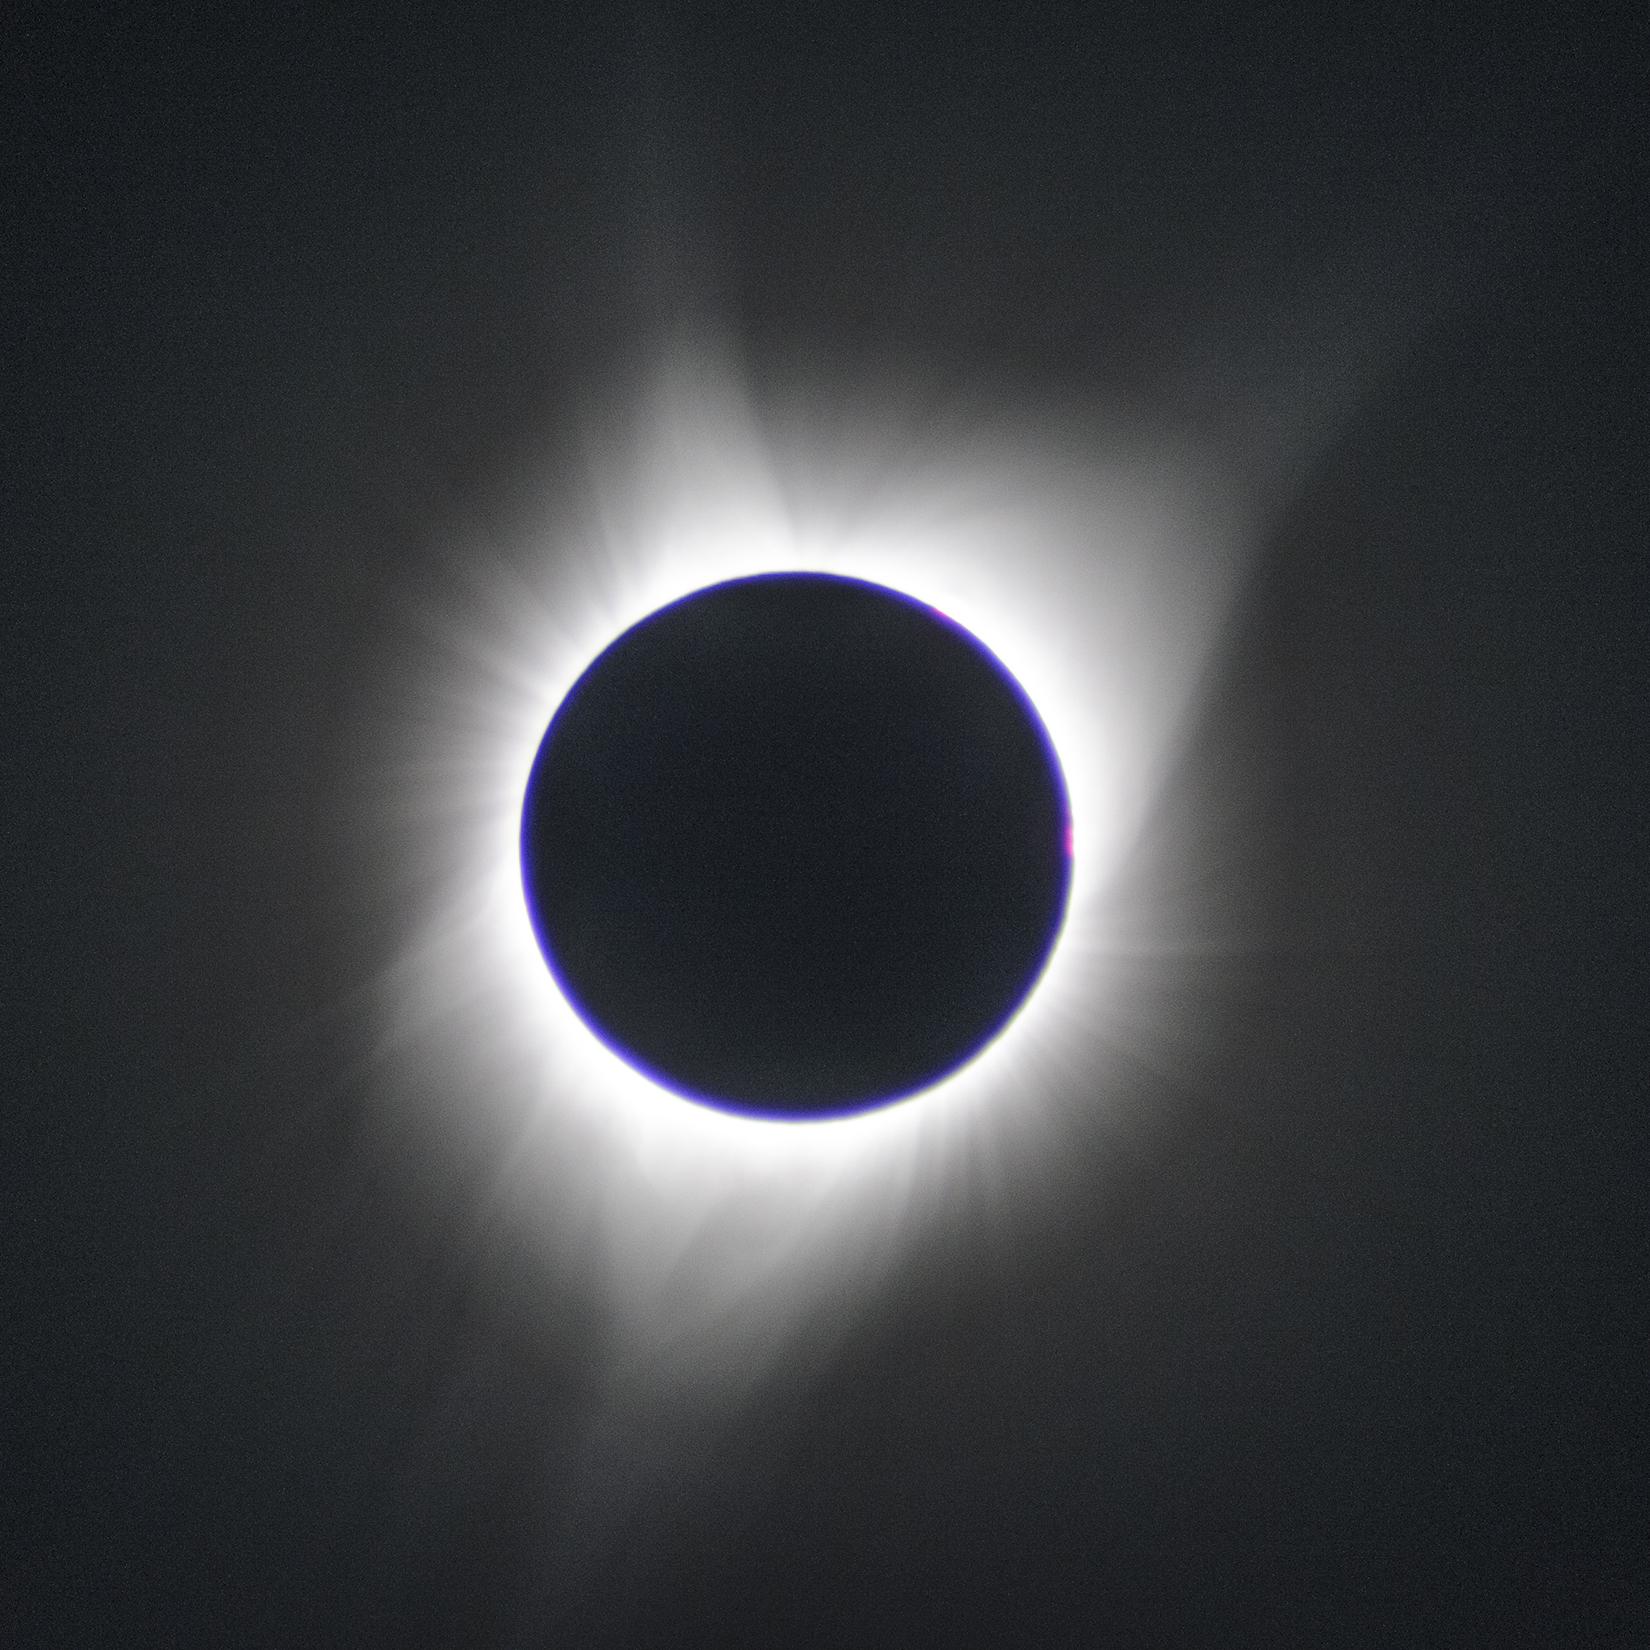 Totla Eclipse, Madras, Oregon #8190